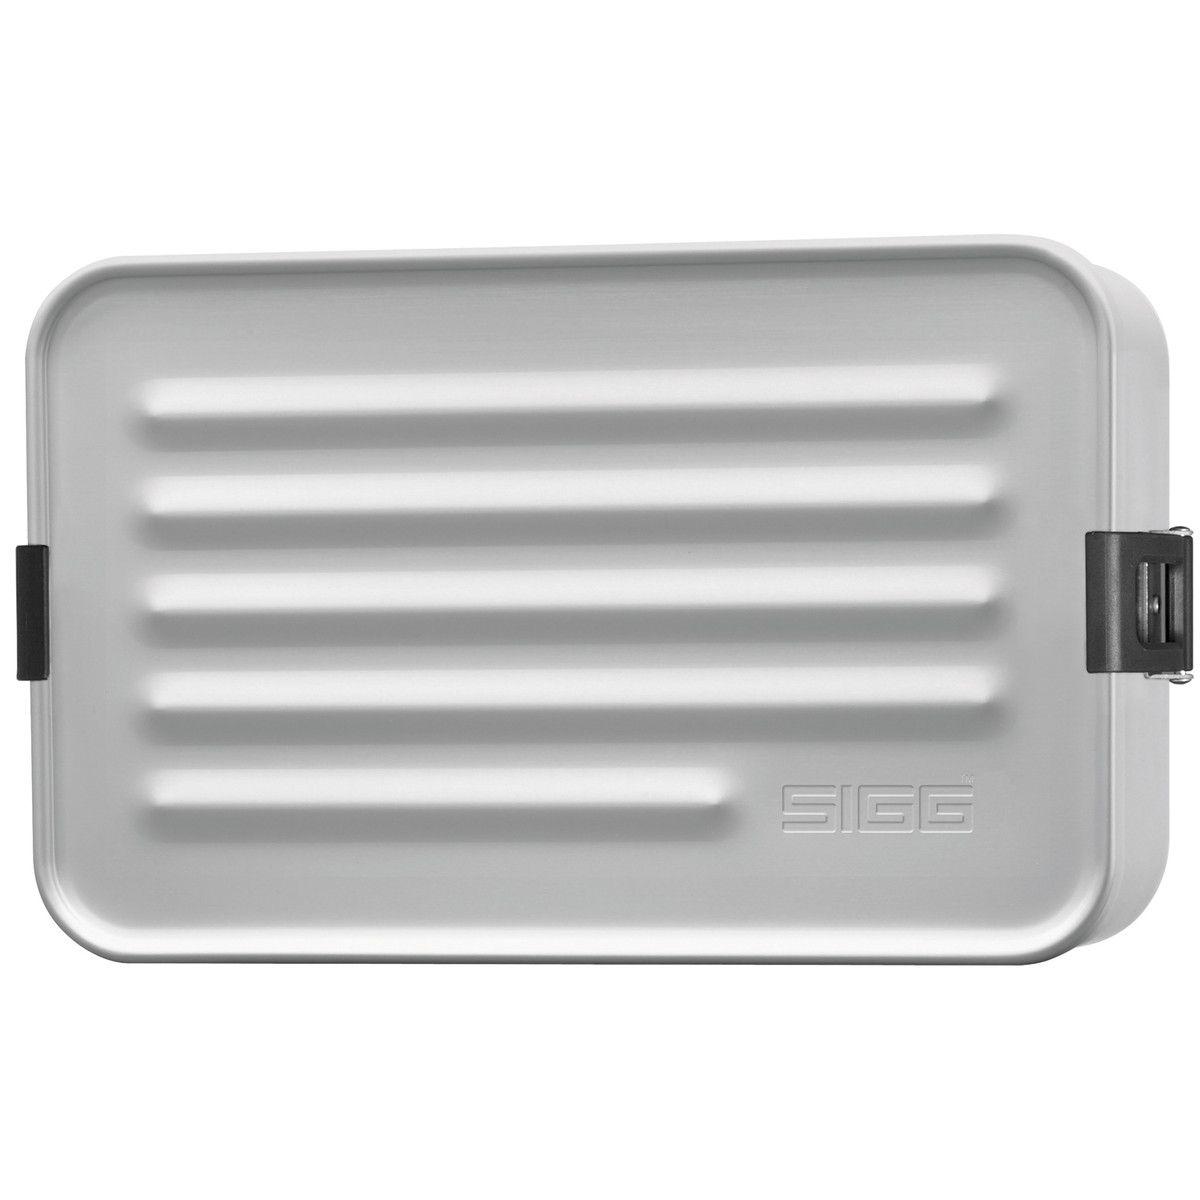 SIGG - Aluminium Box Brotdose  (via www.connox.de)